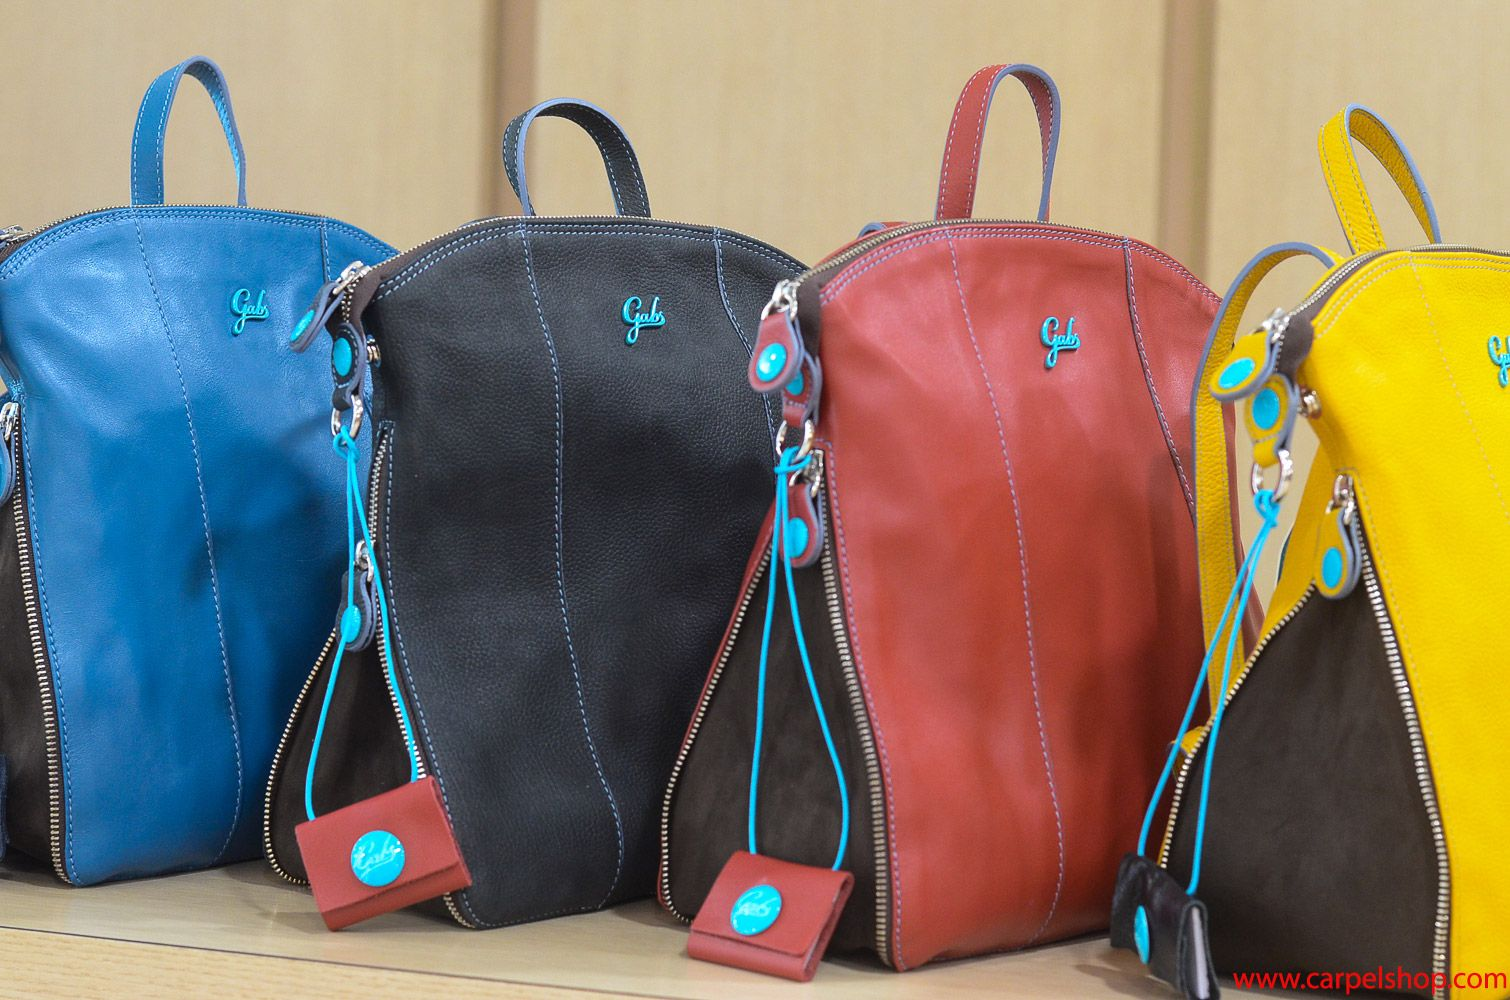 3538e8e9e5 Gabs Zaino in pelle nei colori Oceano, Nero, Rosso, Giallo in vendita Online  su Carpel Shop